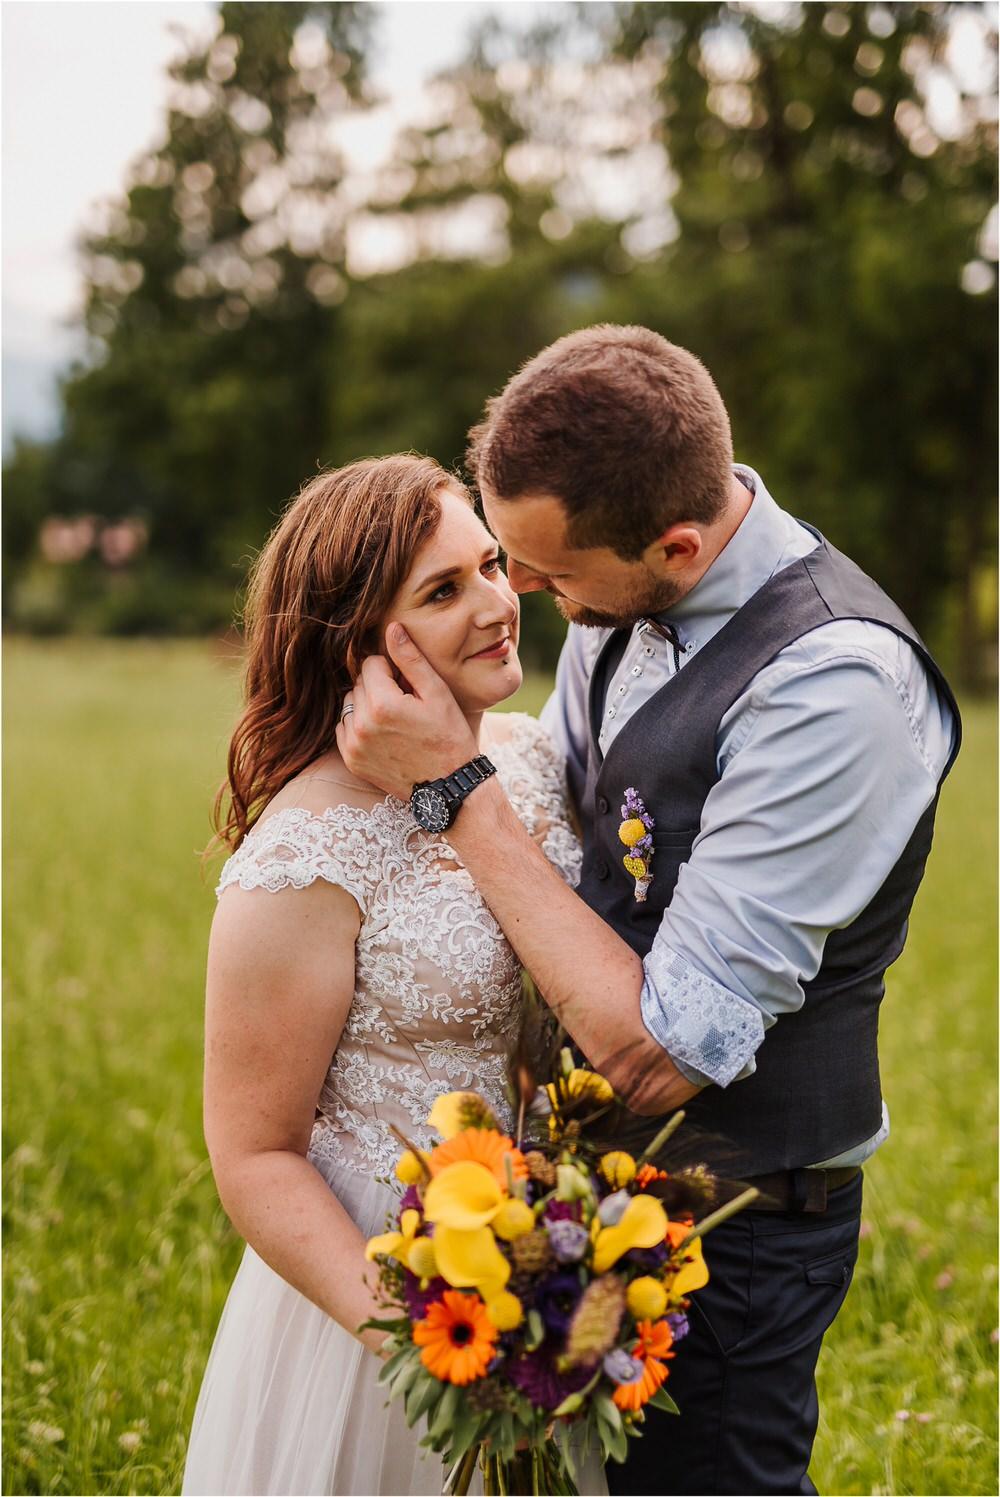 goriska brda poroka fotgorafija fotograf fotografiranje porocno kras primorska obala romanticna boho poroka rustikalna nika grega 0037.jpg